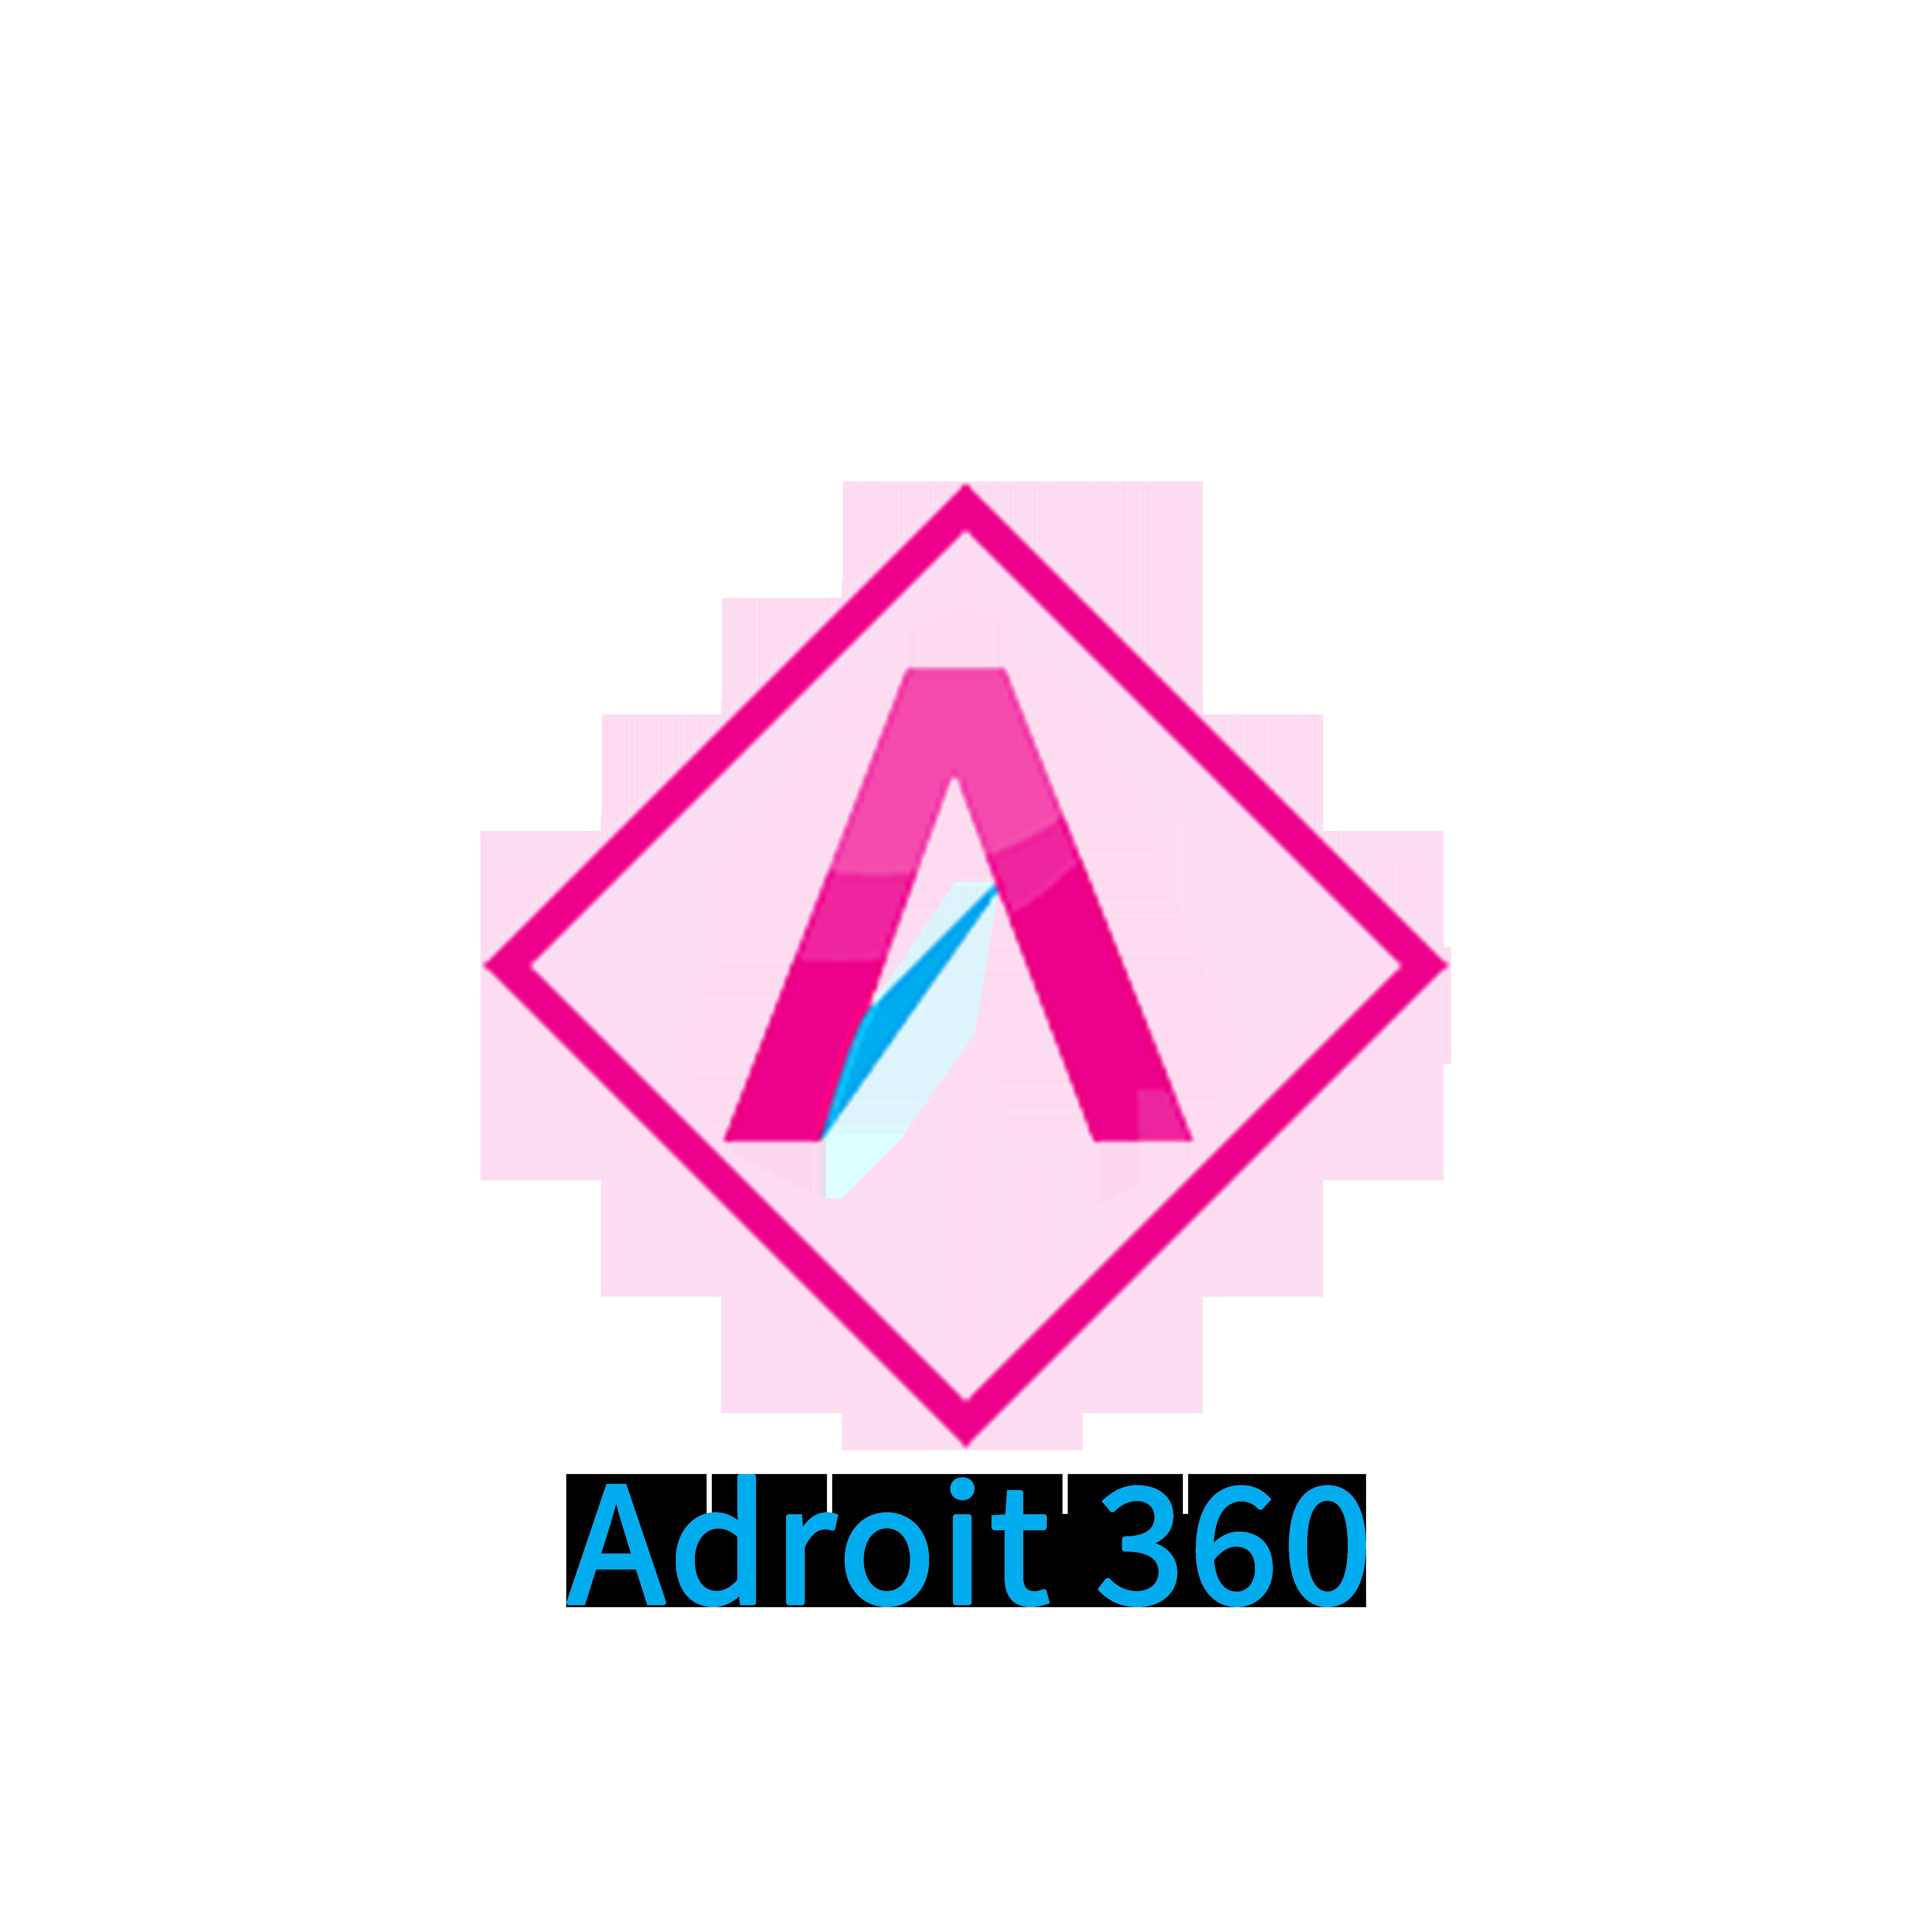 Adroit360gh